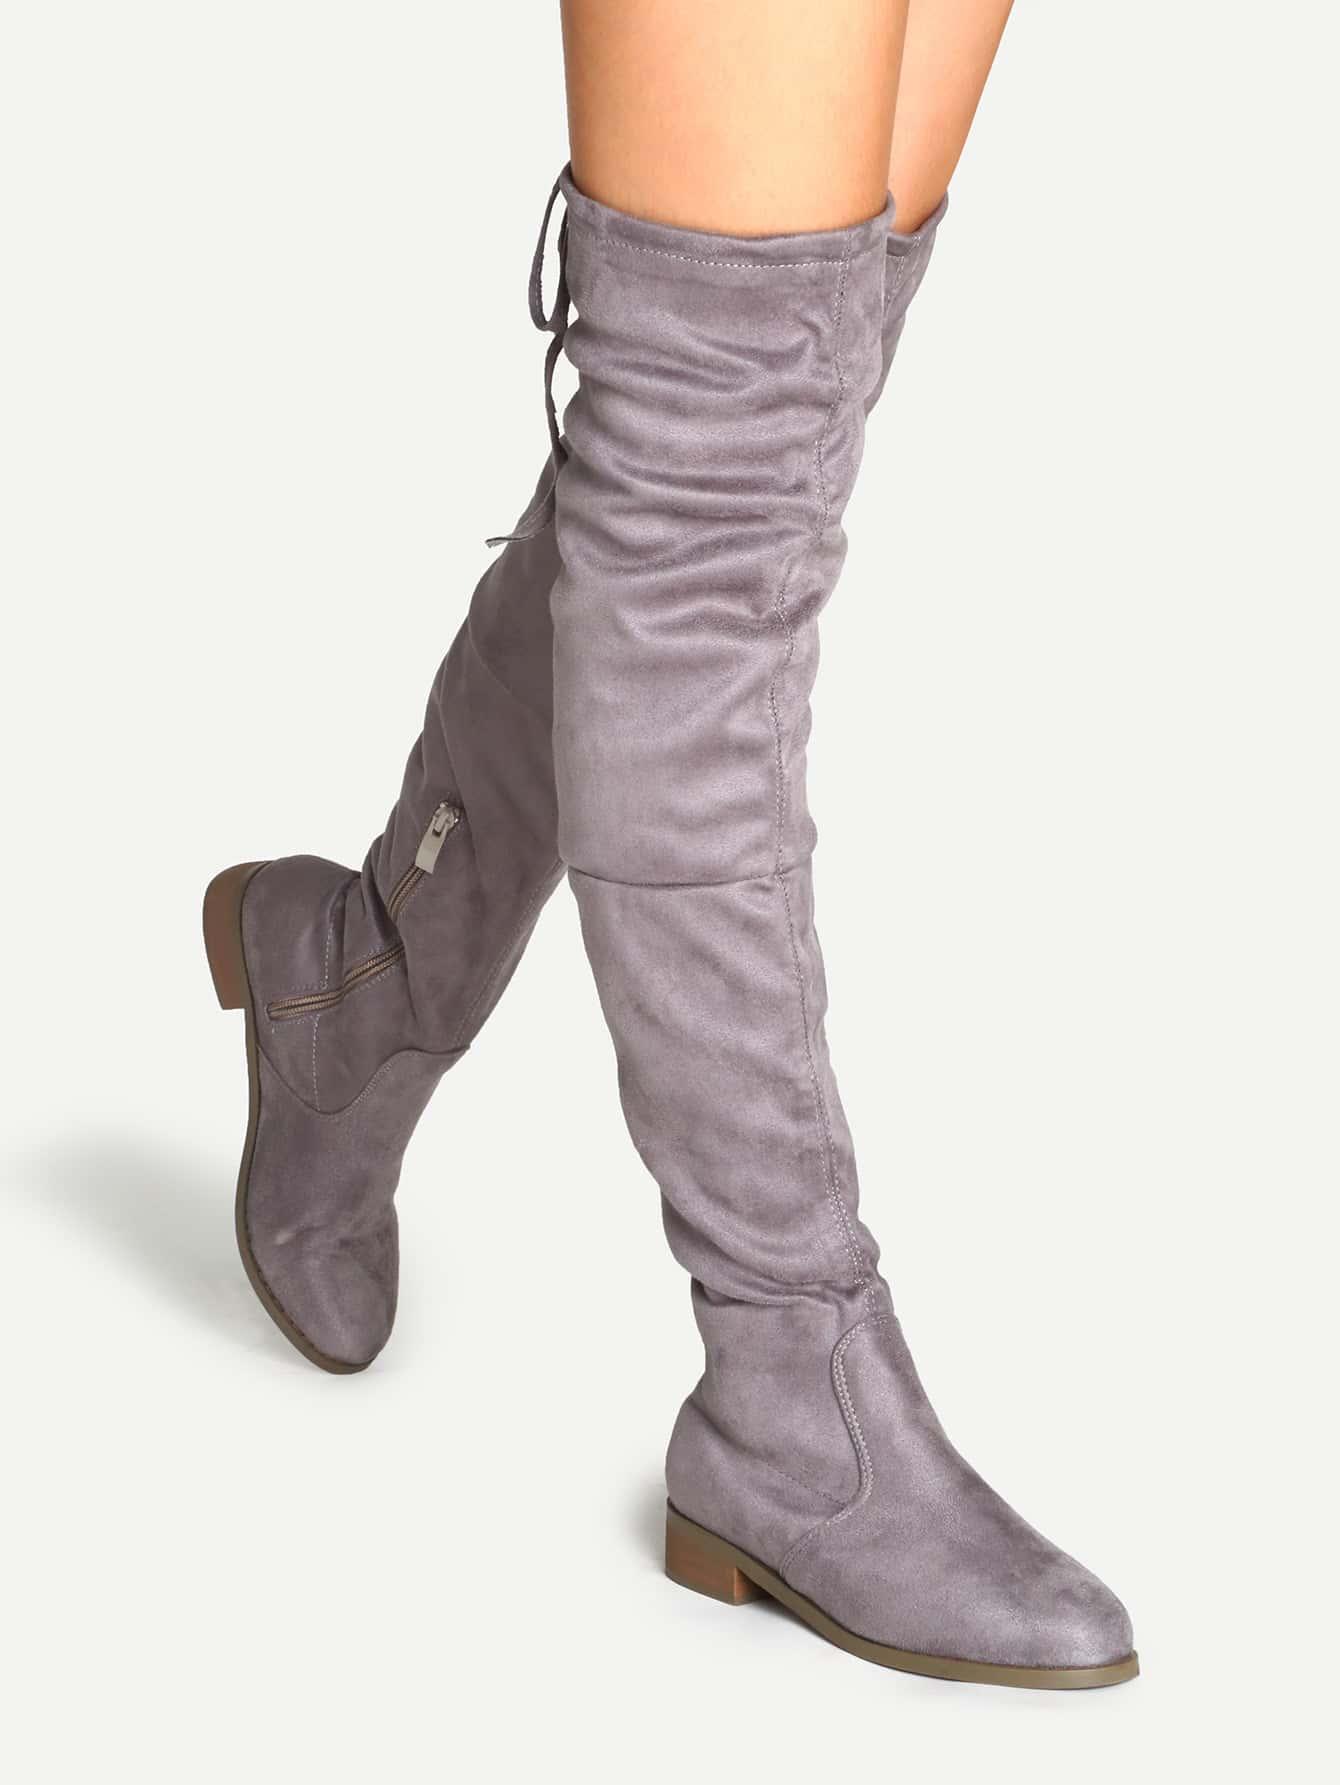 shoes160803811_2